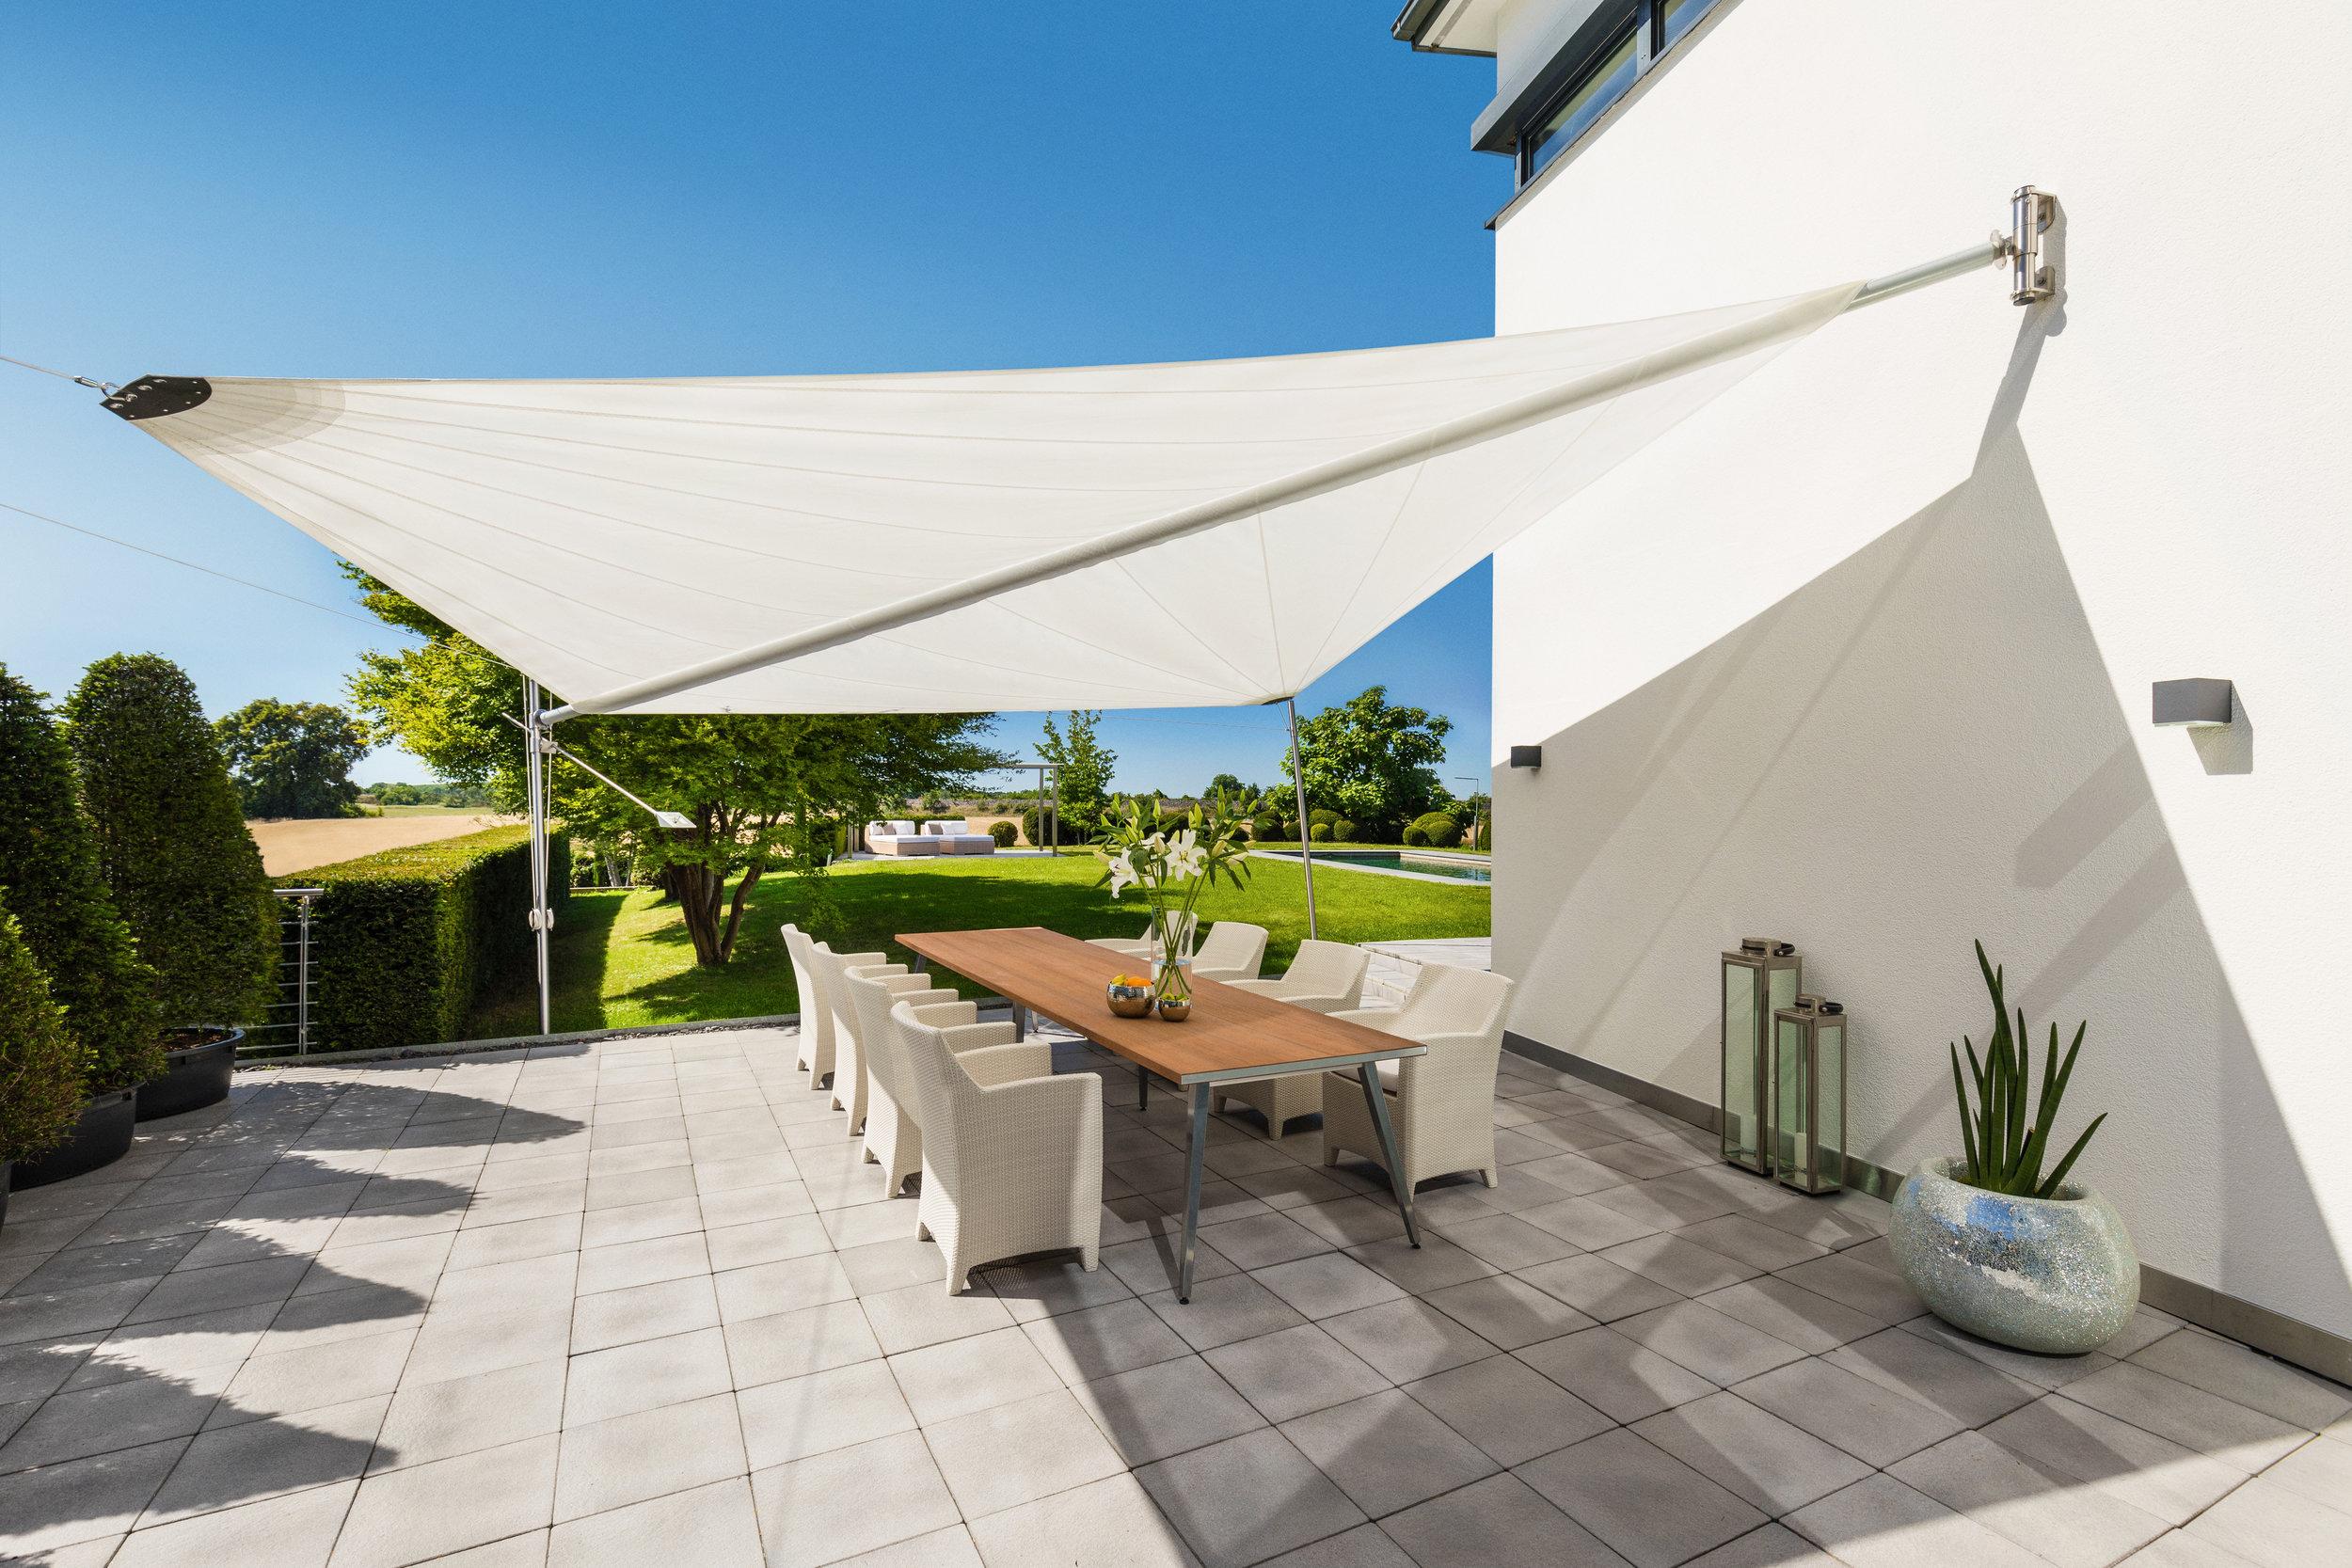 Sonnensegel für Hotel_rewalux GmbH.jpg